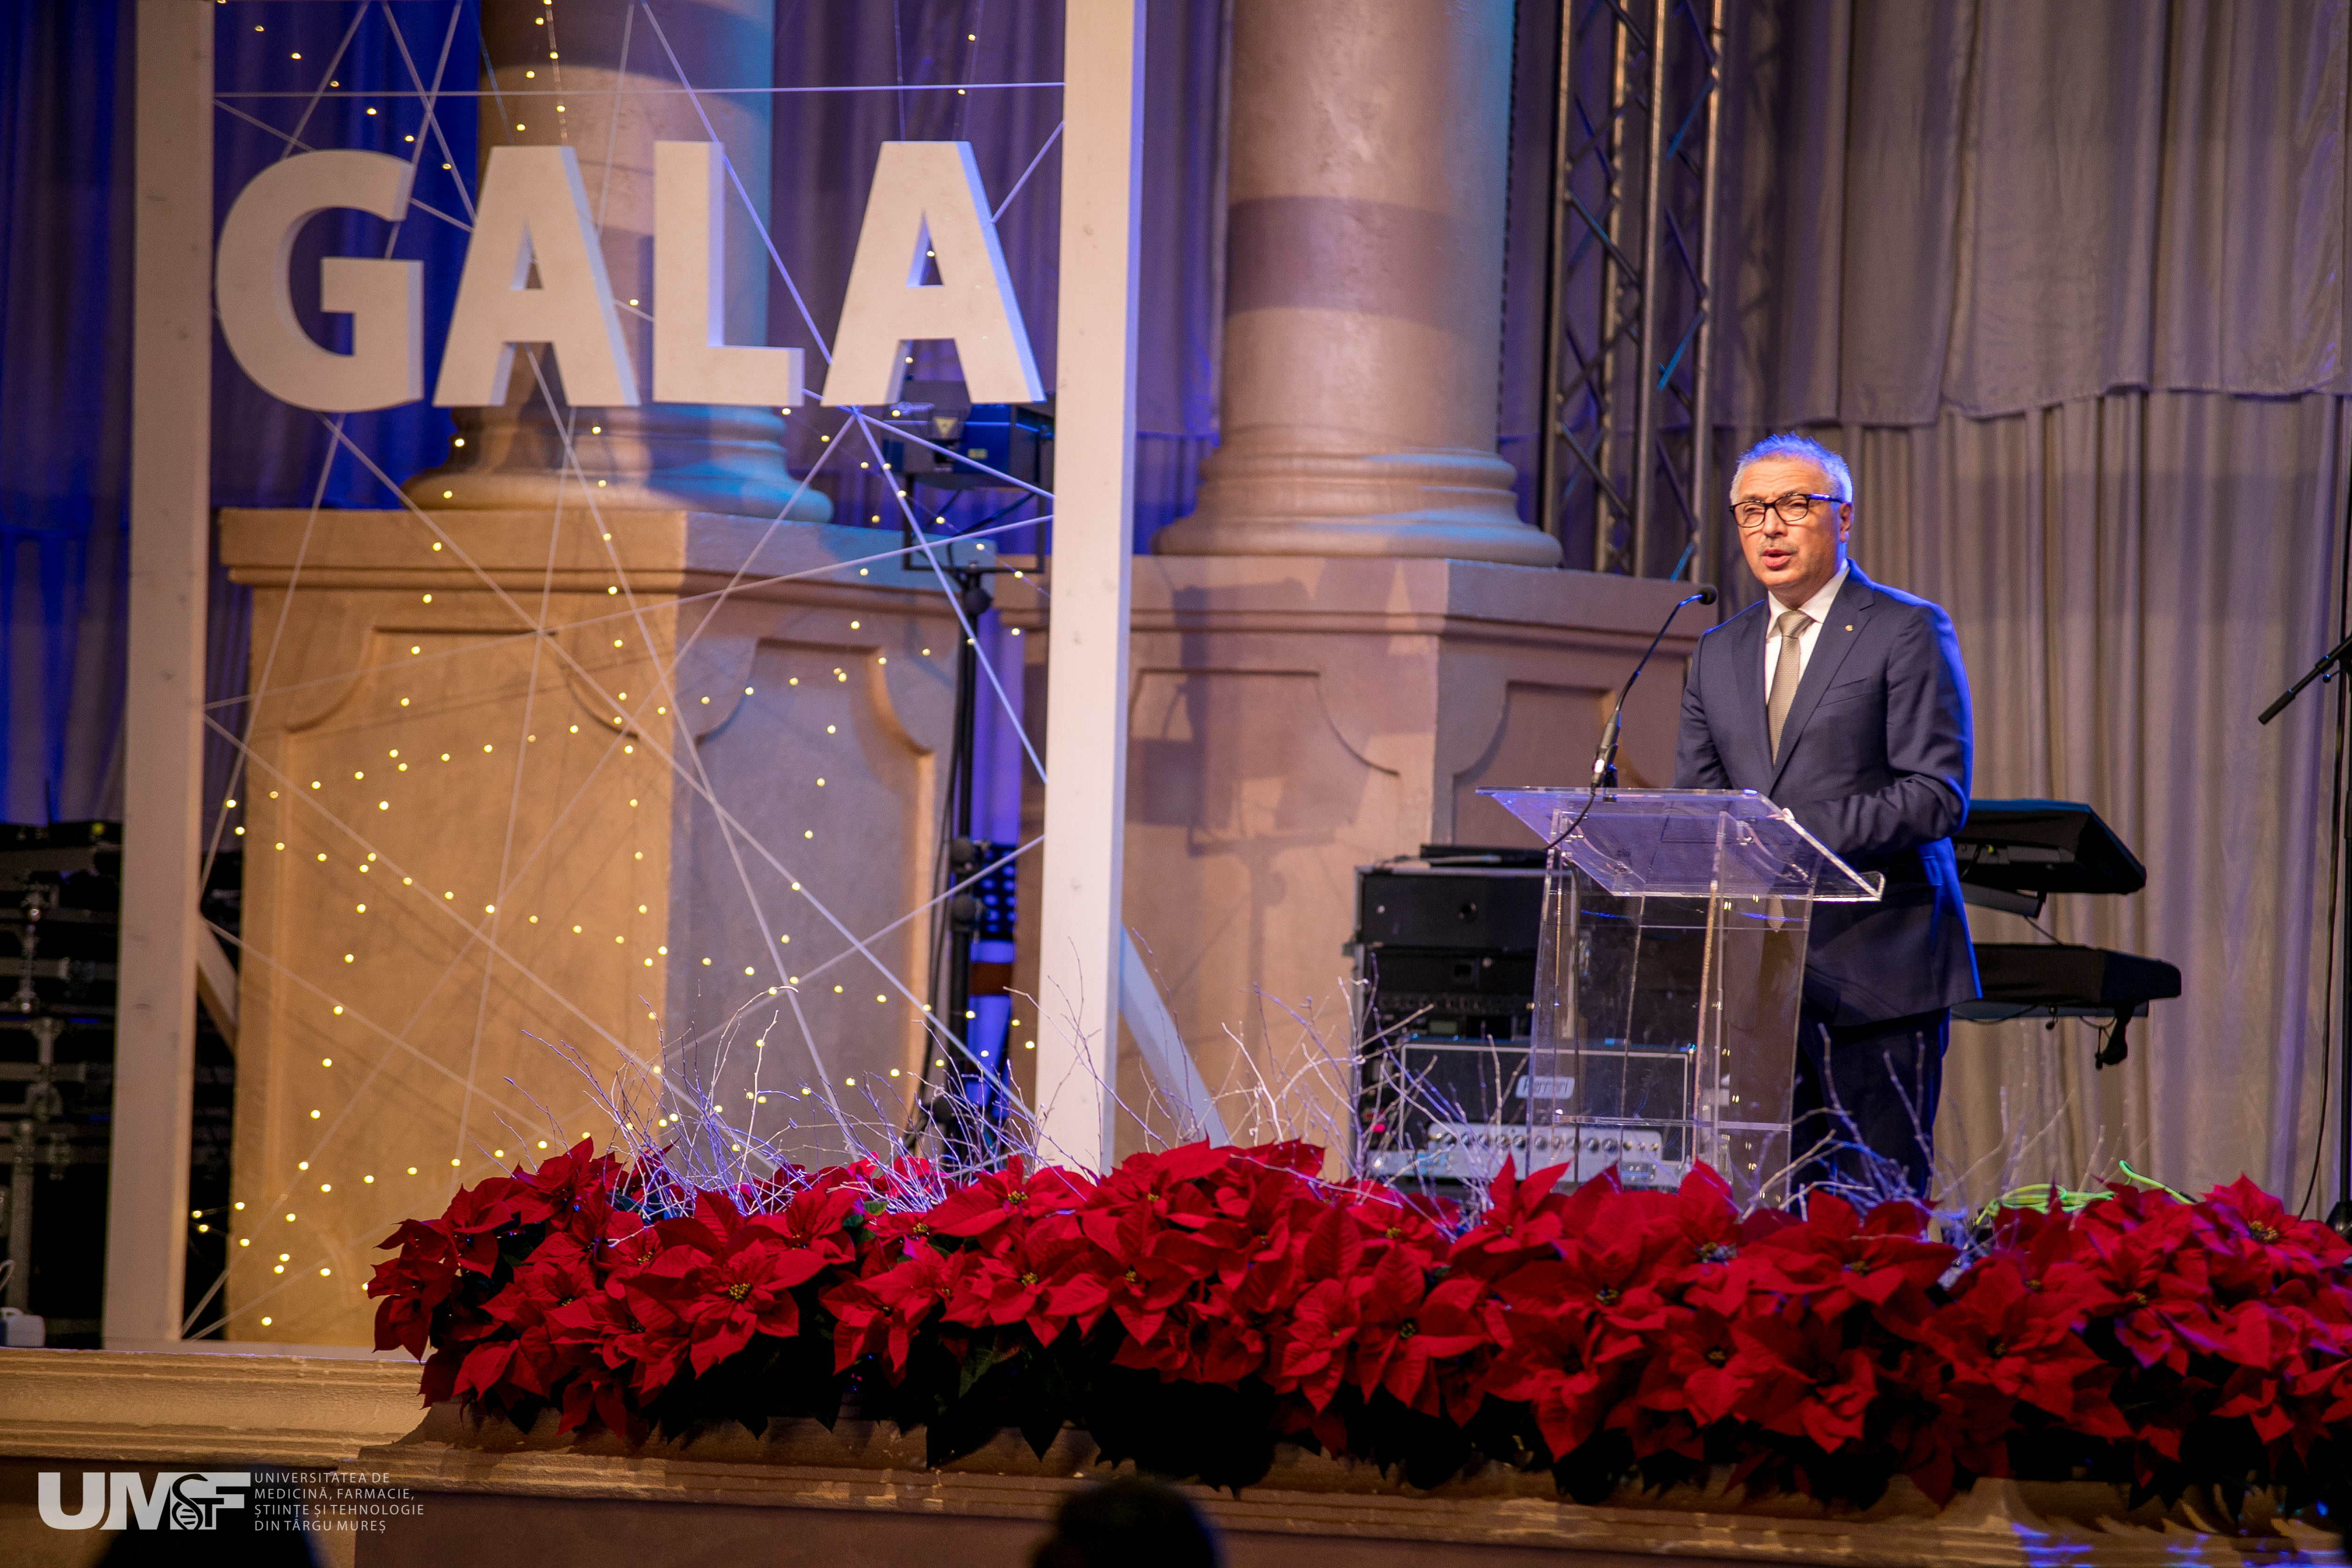 Gala festivă UMFST. Obiectivele anului 2019, prezentate în discursul anual al Rectorului